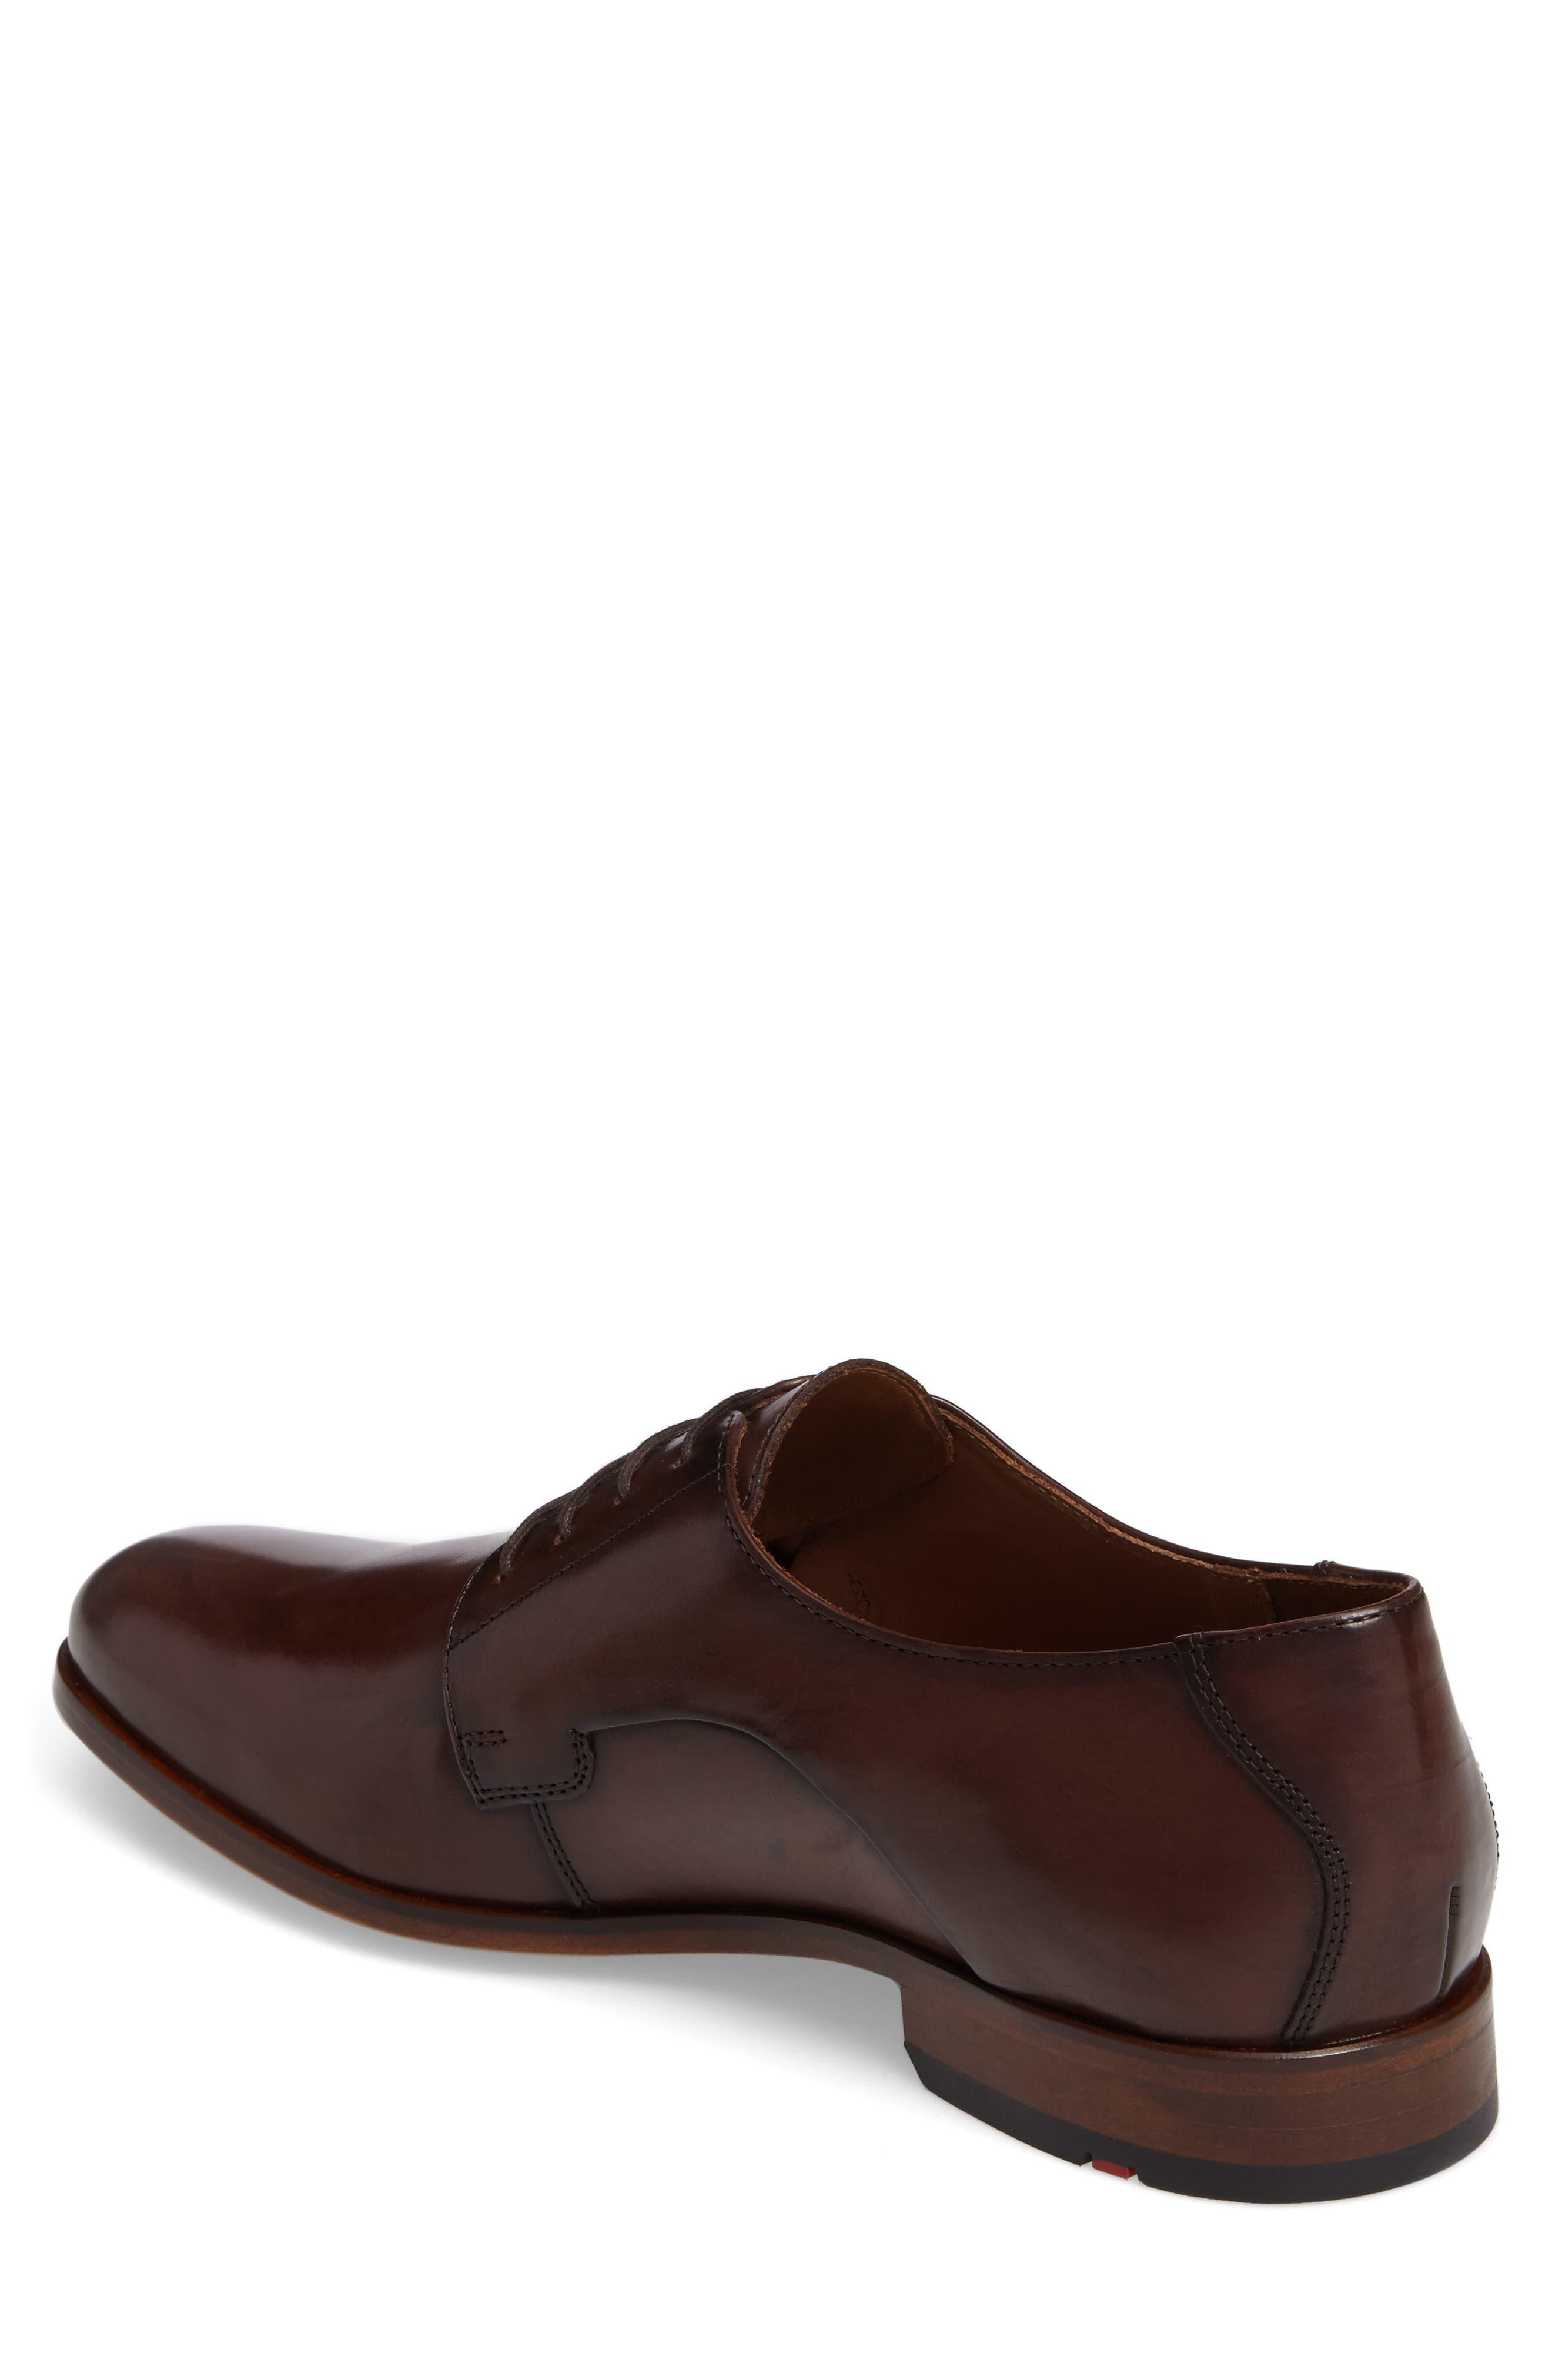 Mannex Plain Toe Derby,                             Alternate thumbnail 2, color,                             T.D.Moro Leather